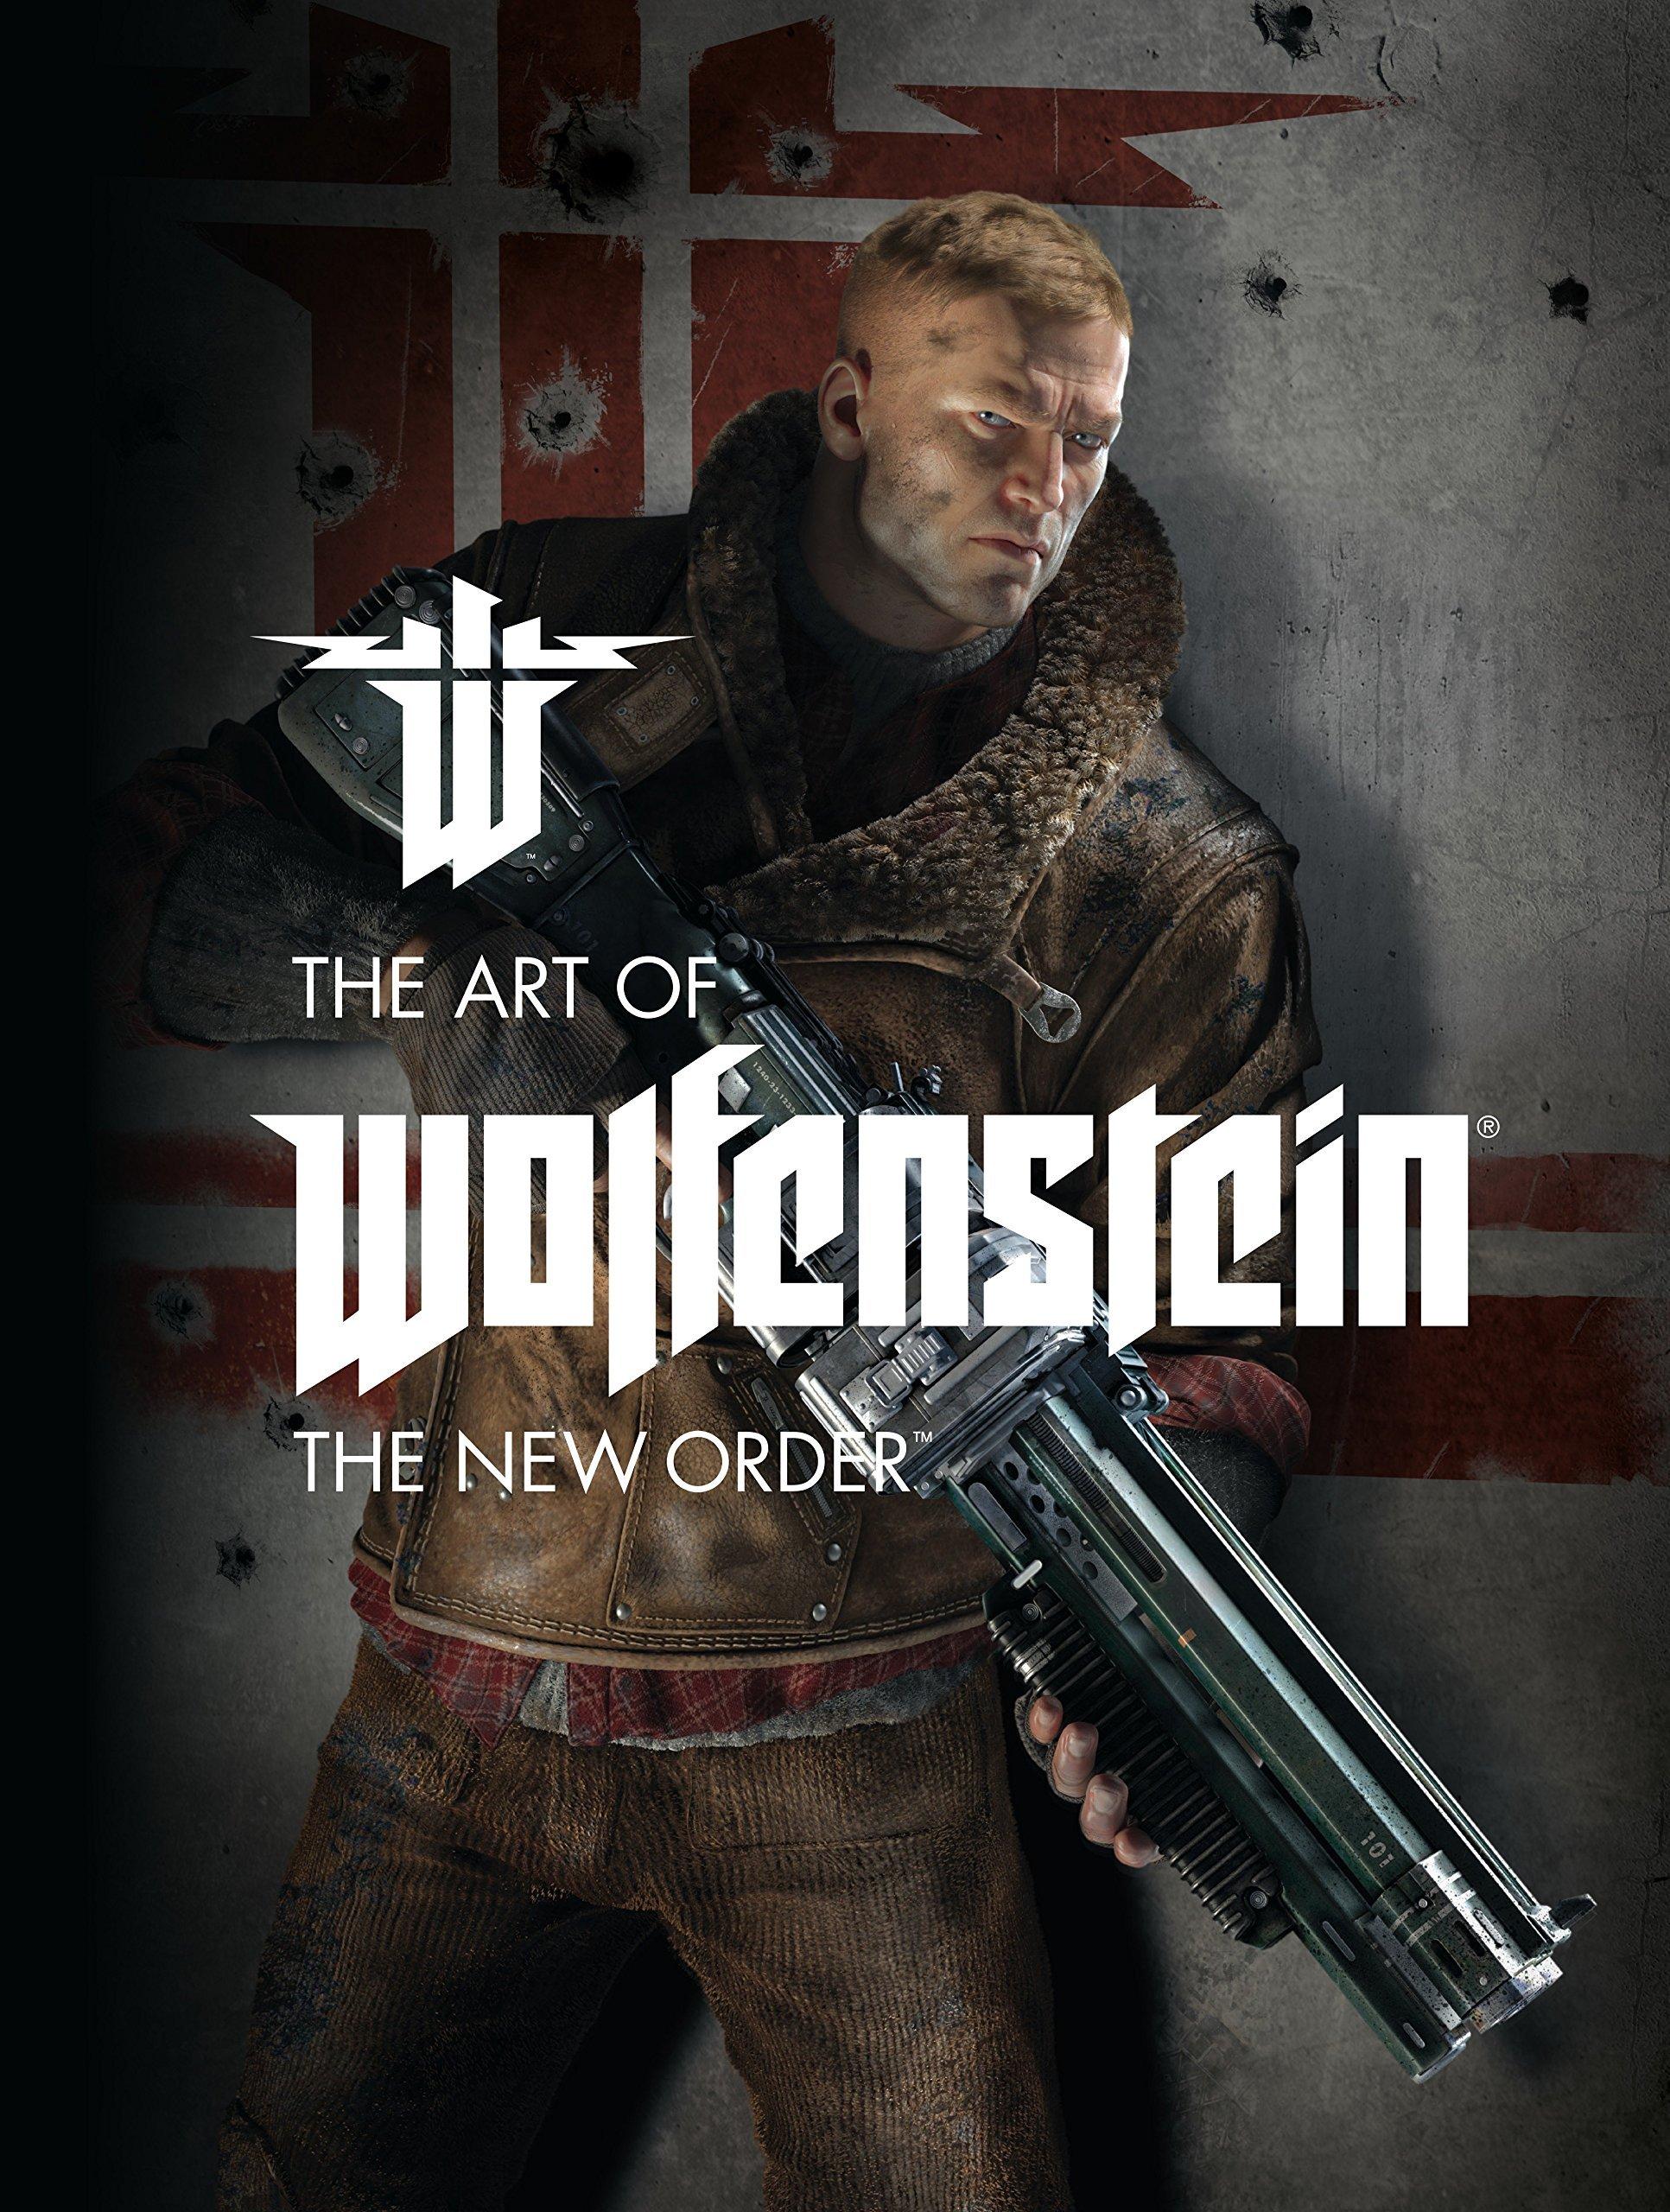 Wolfenstein - The Art of Wolfenstein: The New Order